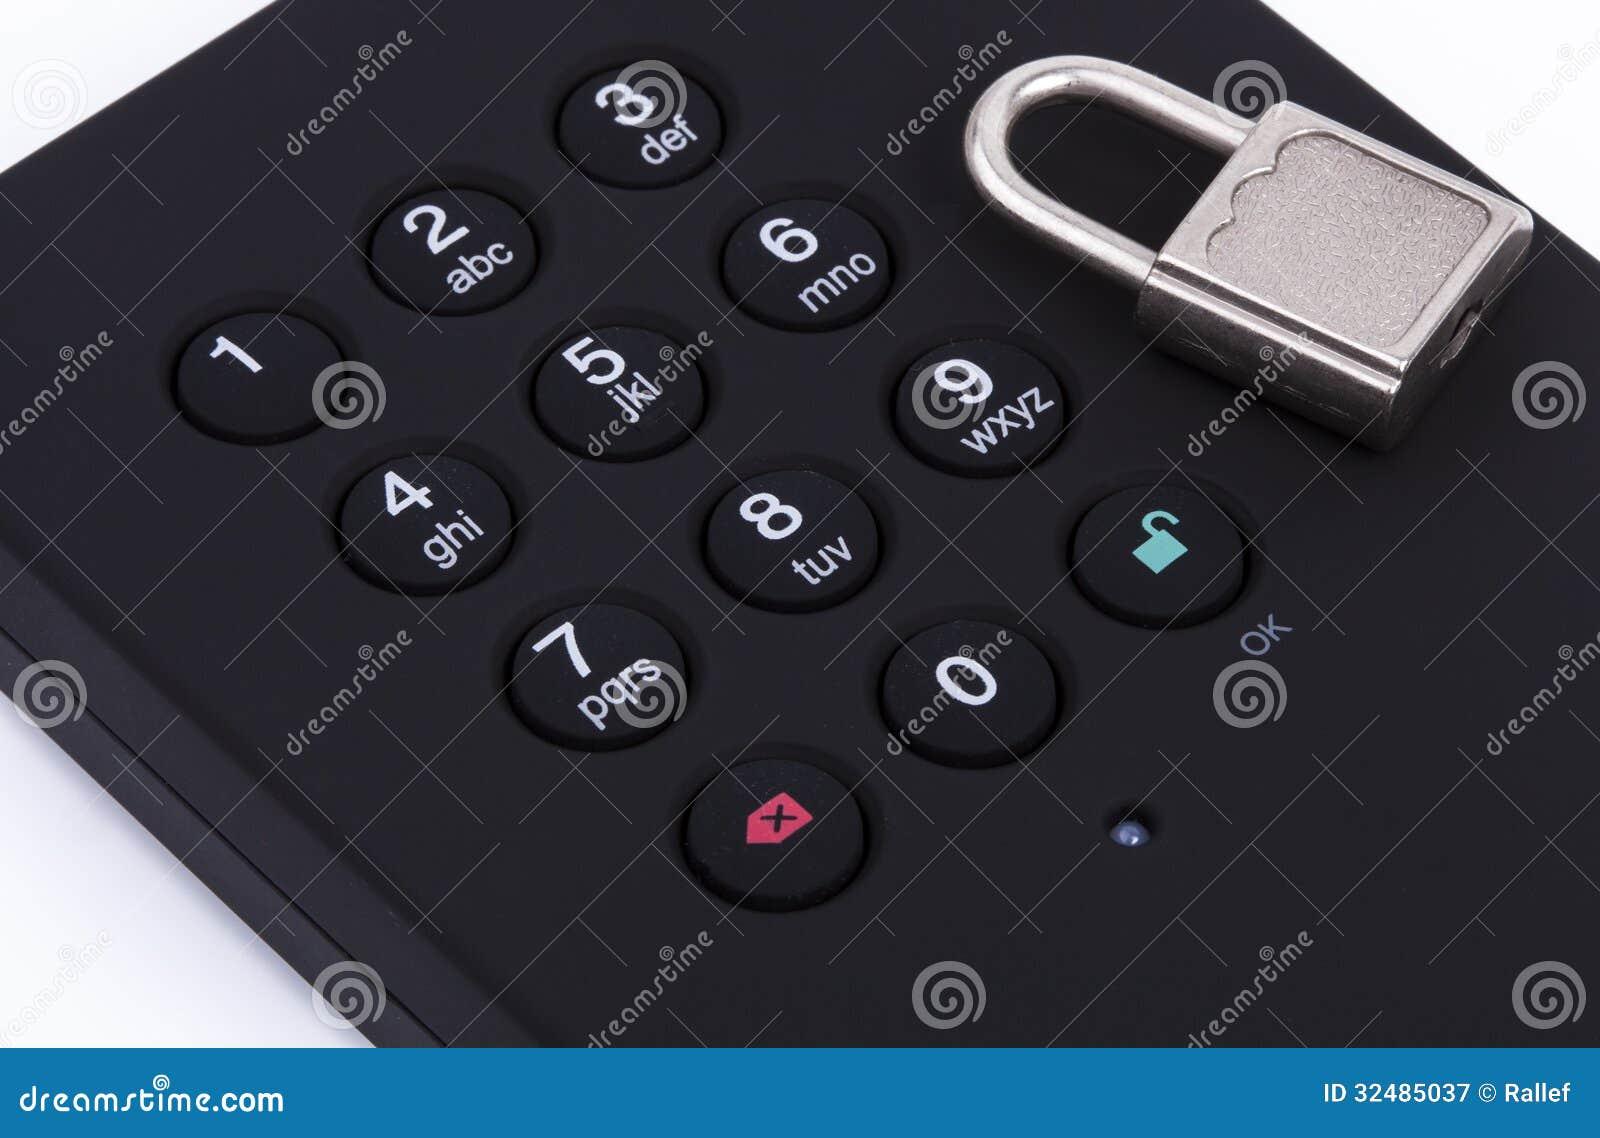 Secured Harddrive